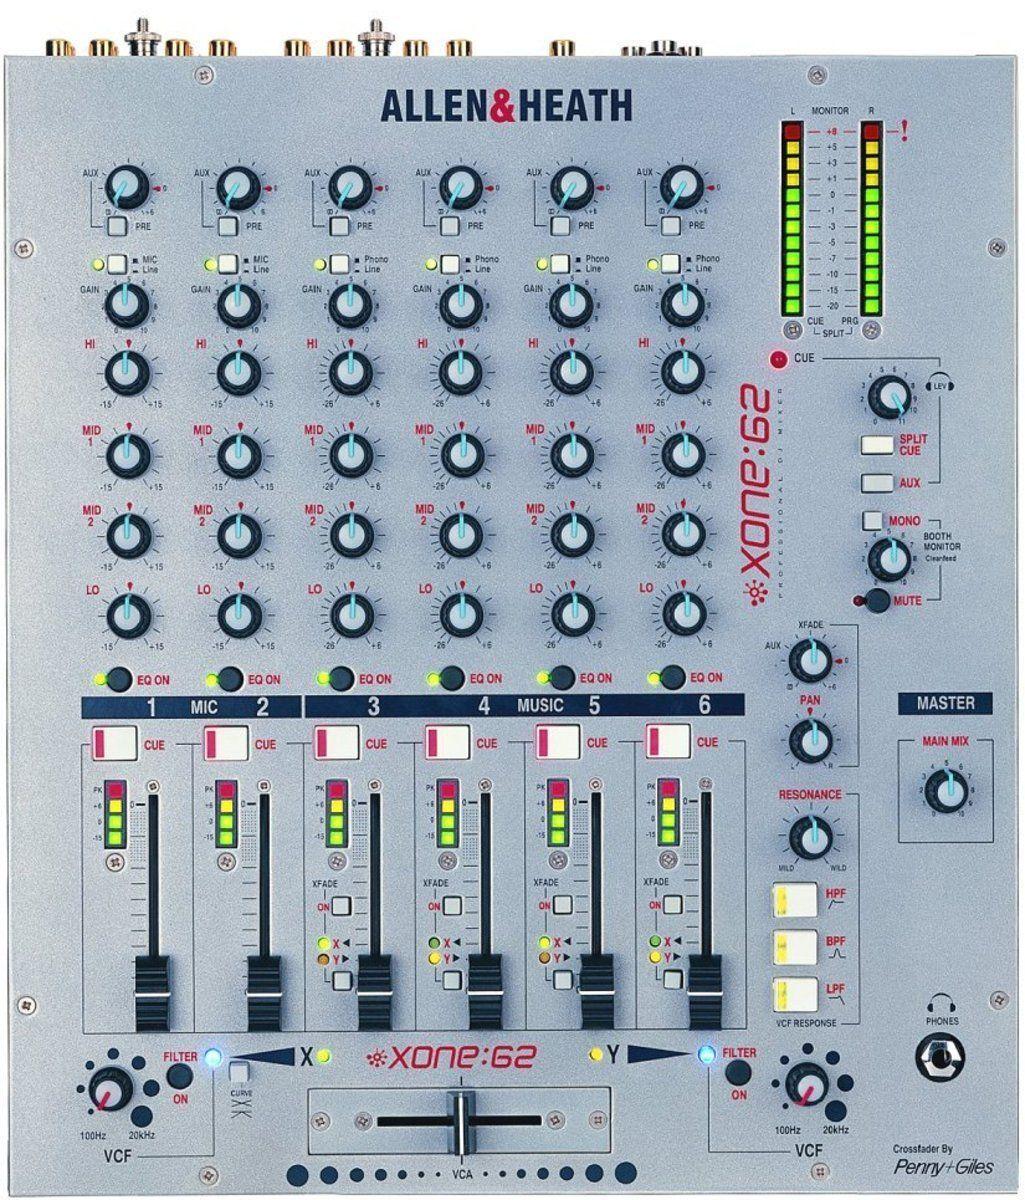 allen-heath-xone-62-old-design-29845.jpg